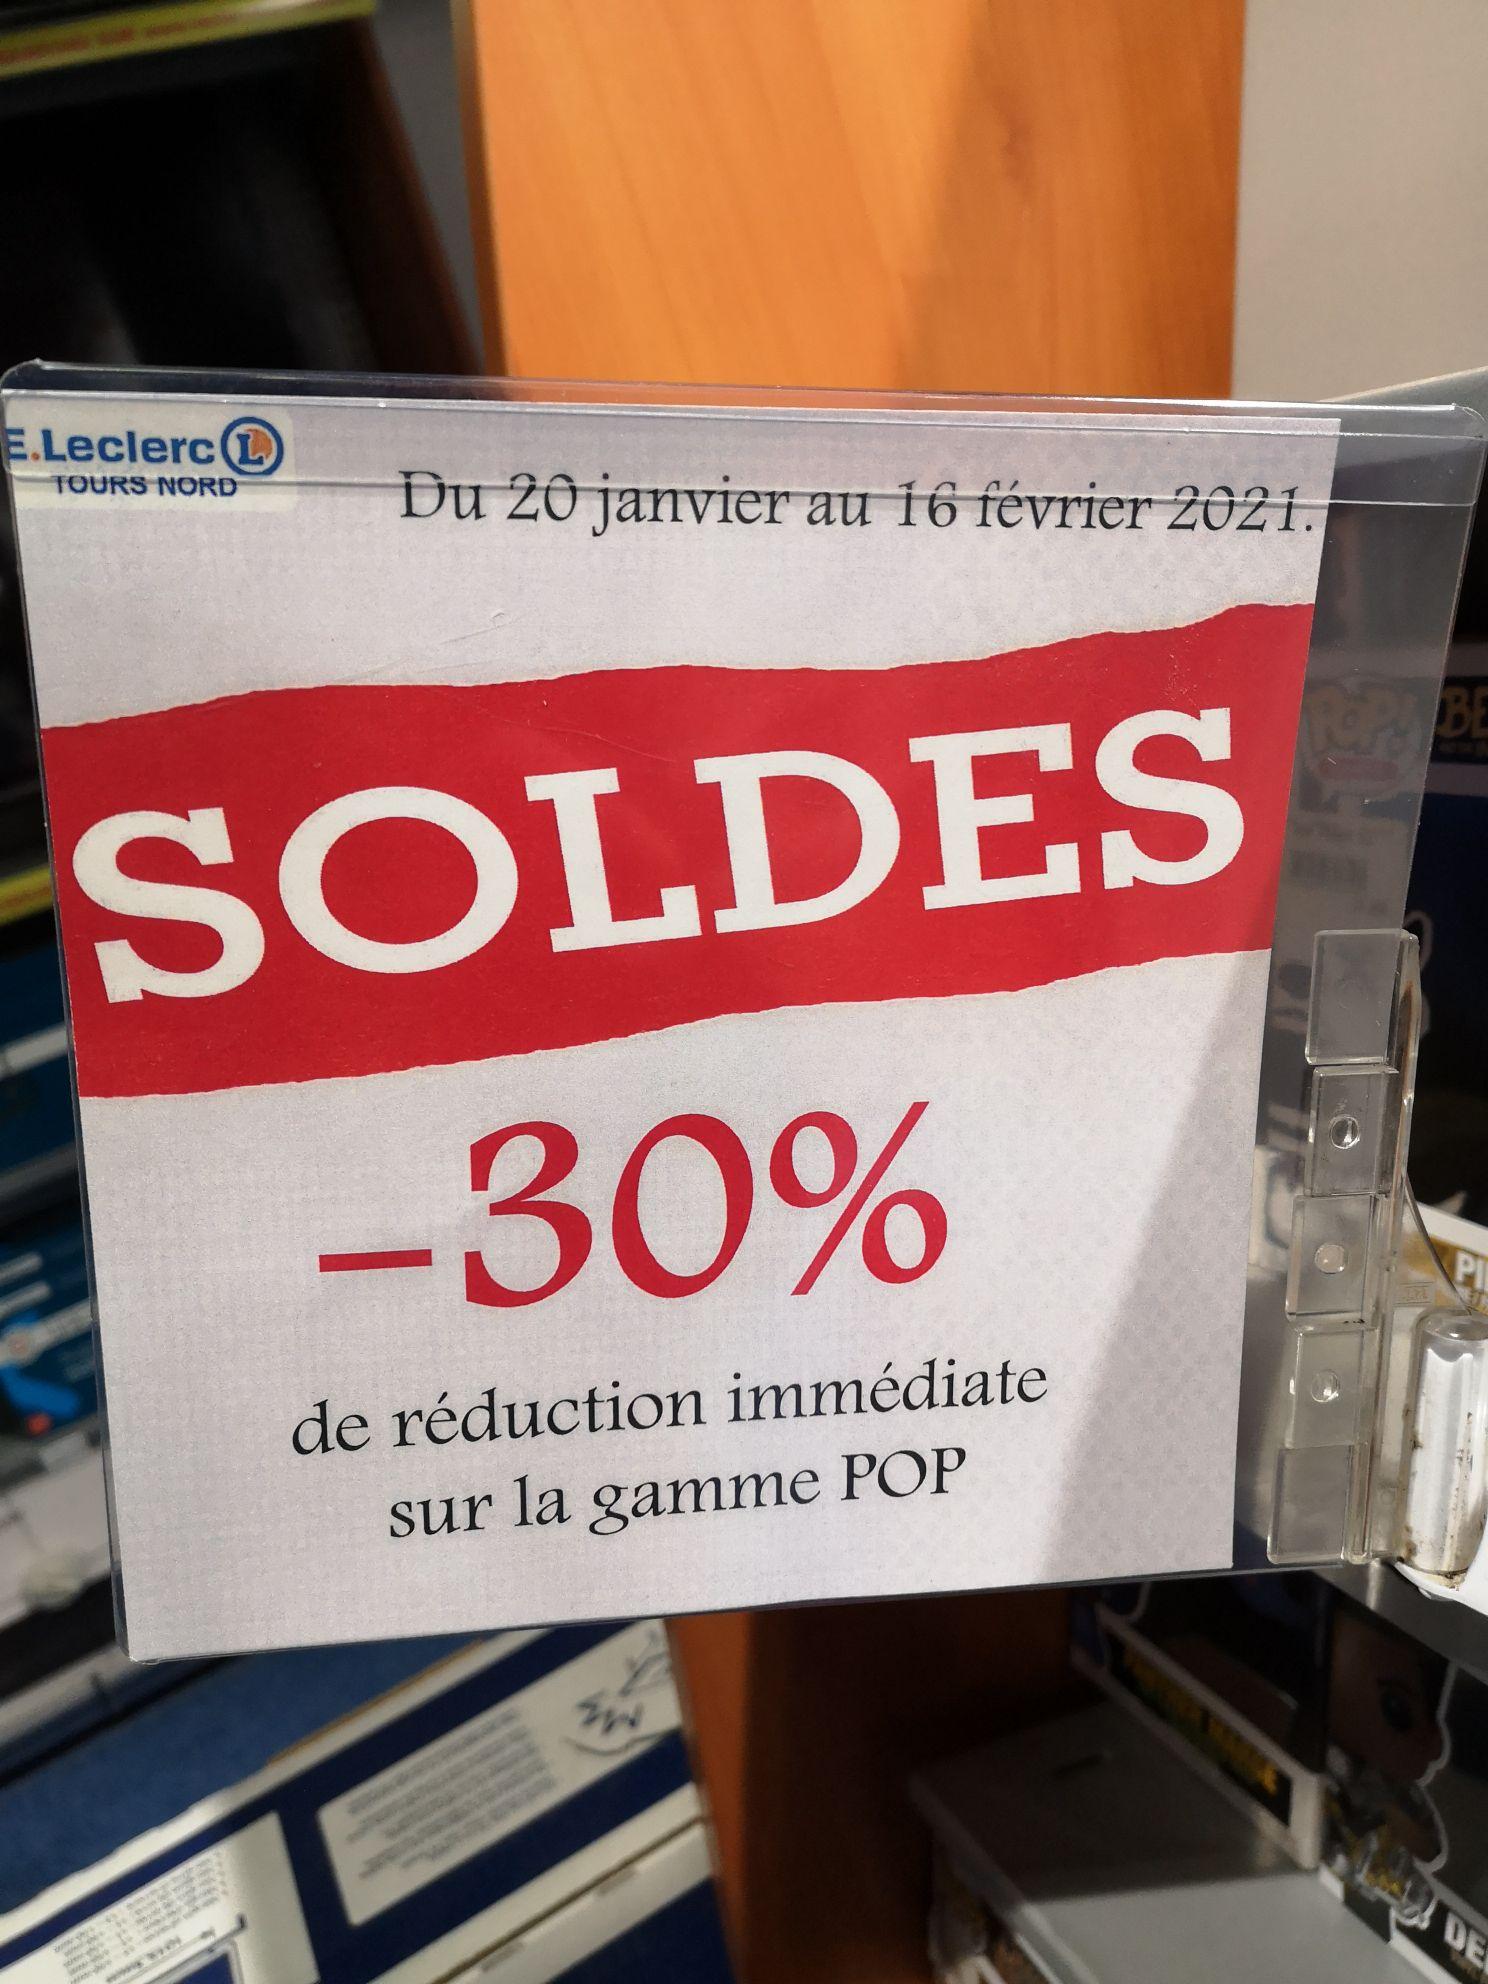 30% de réduction sur toute la gamme Figurines Funko Pop - Leclerc Tours Nord (37)